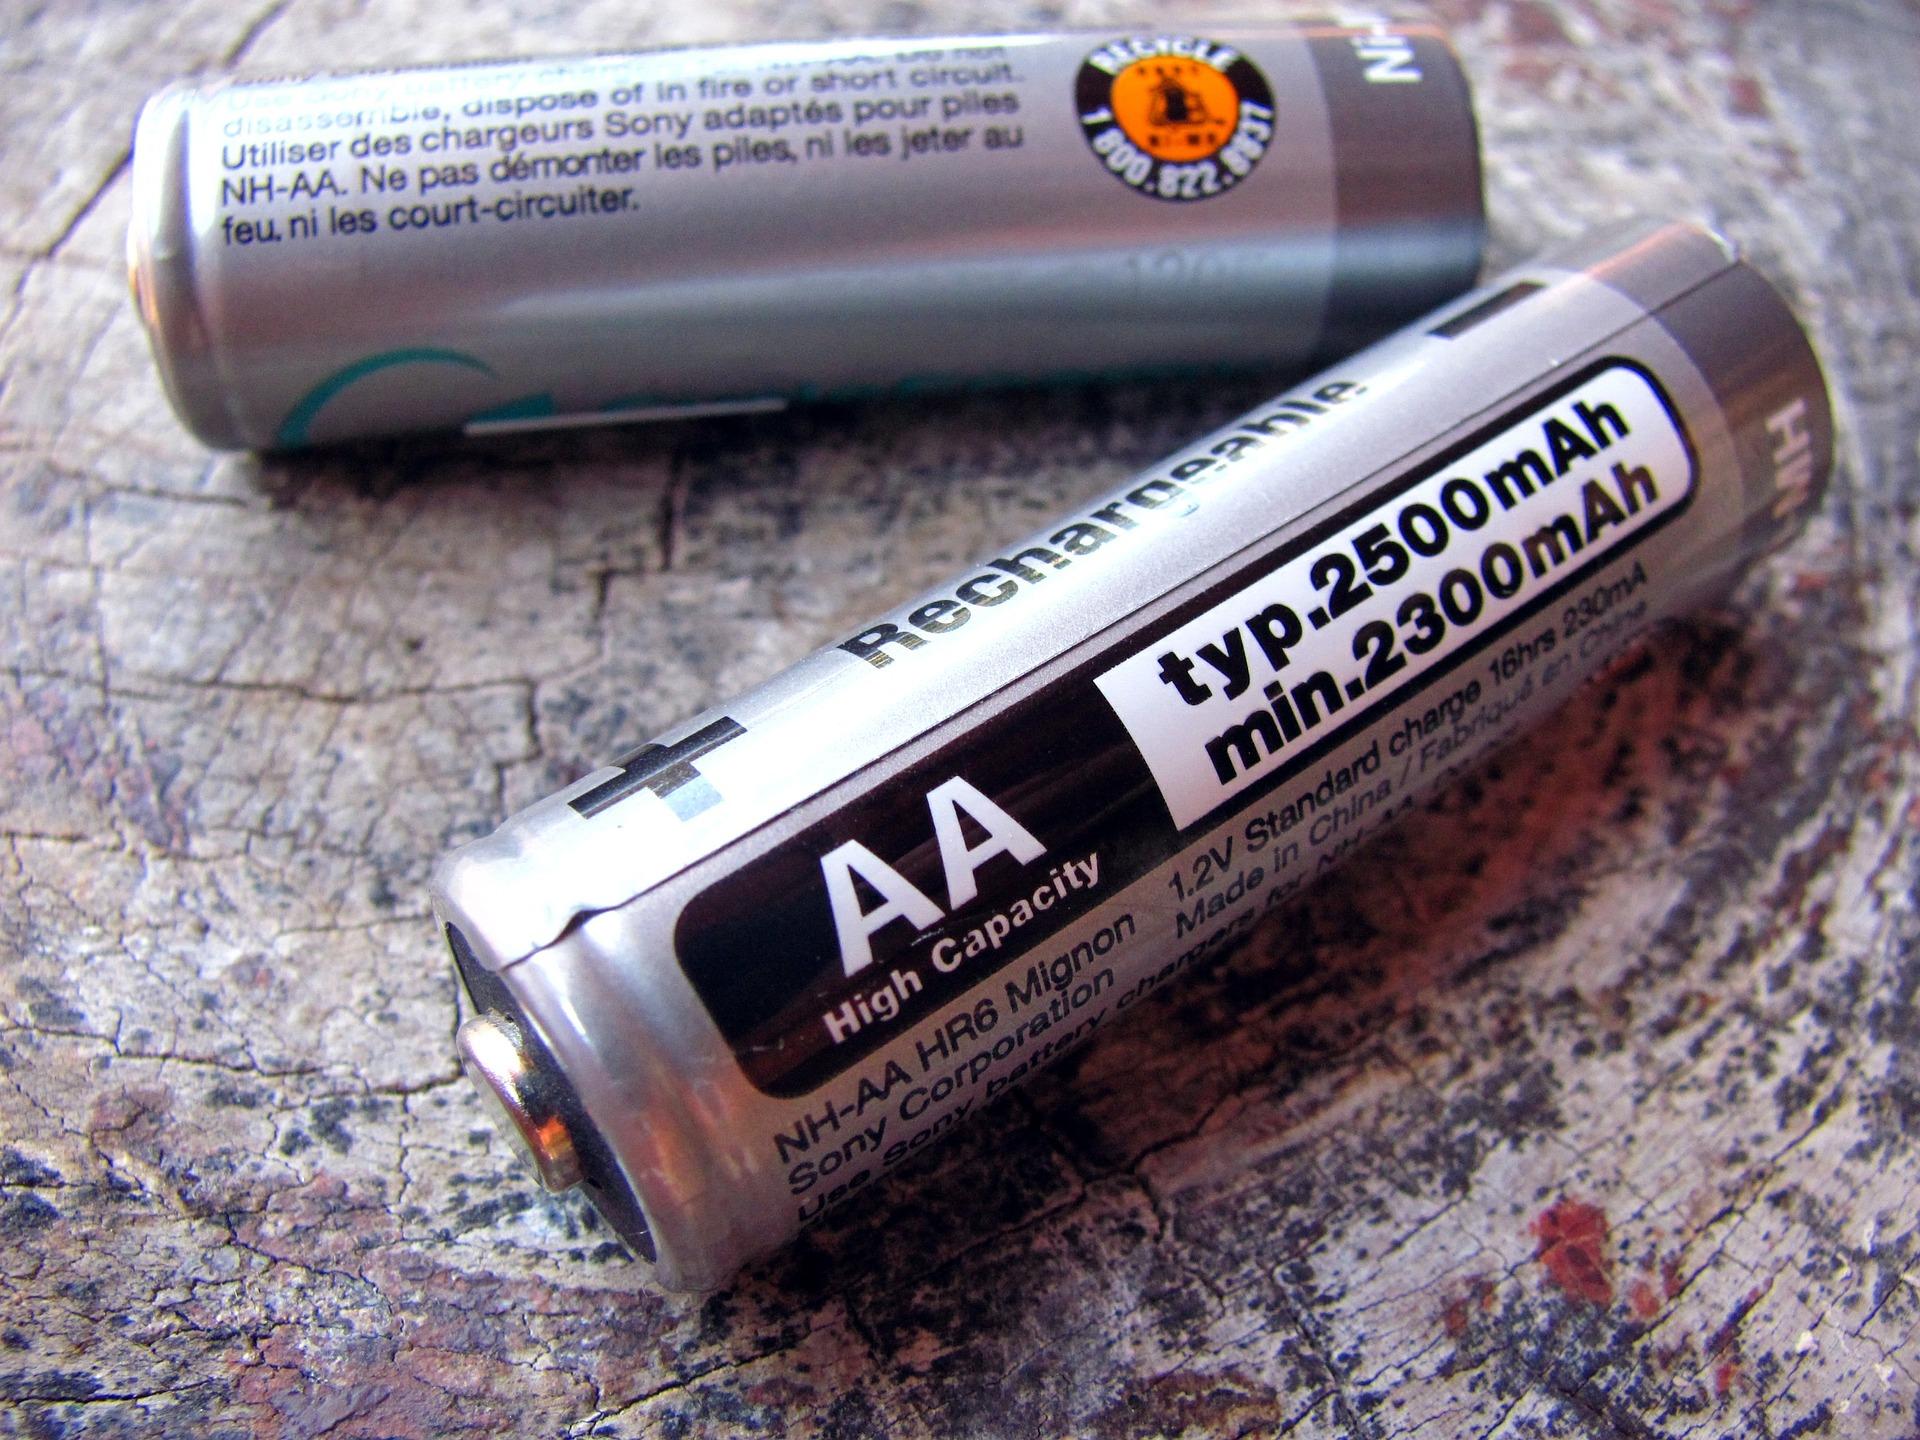 descarte-pilhas-baterias